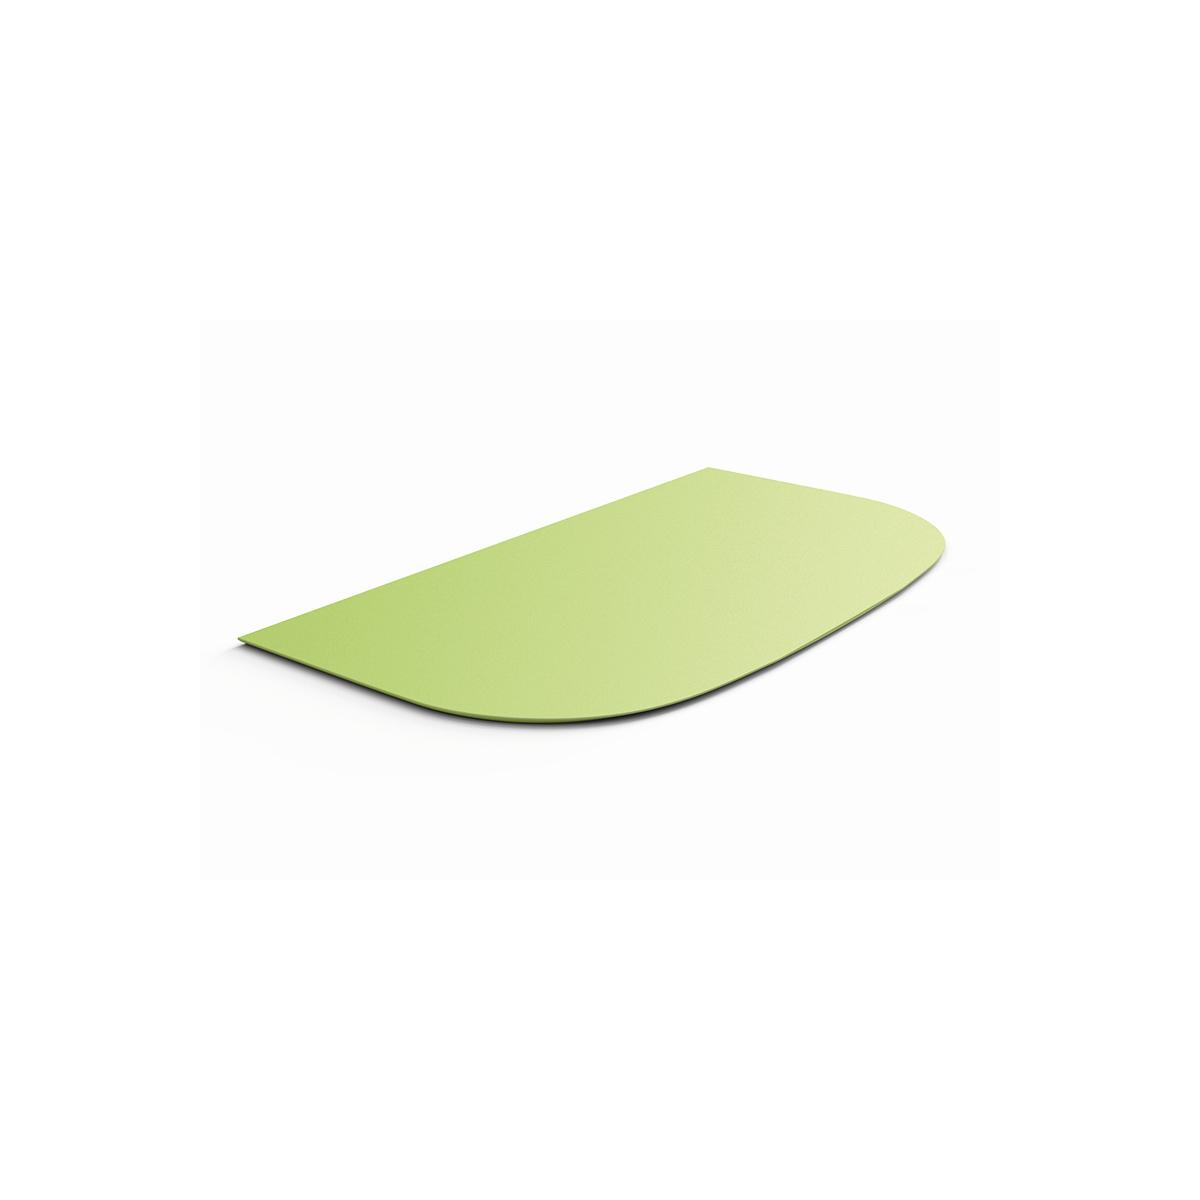 Surefeed - matje voor de microchip voerbak groen